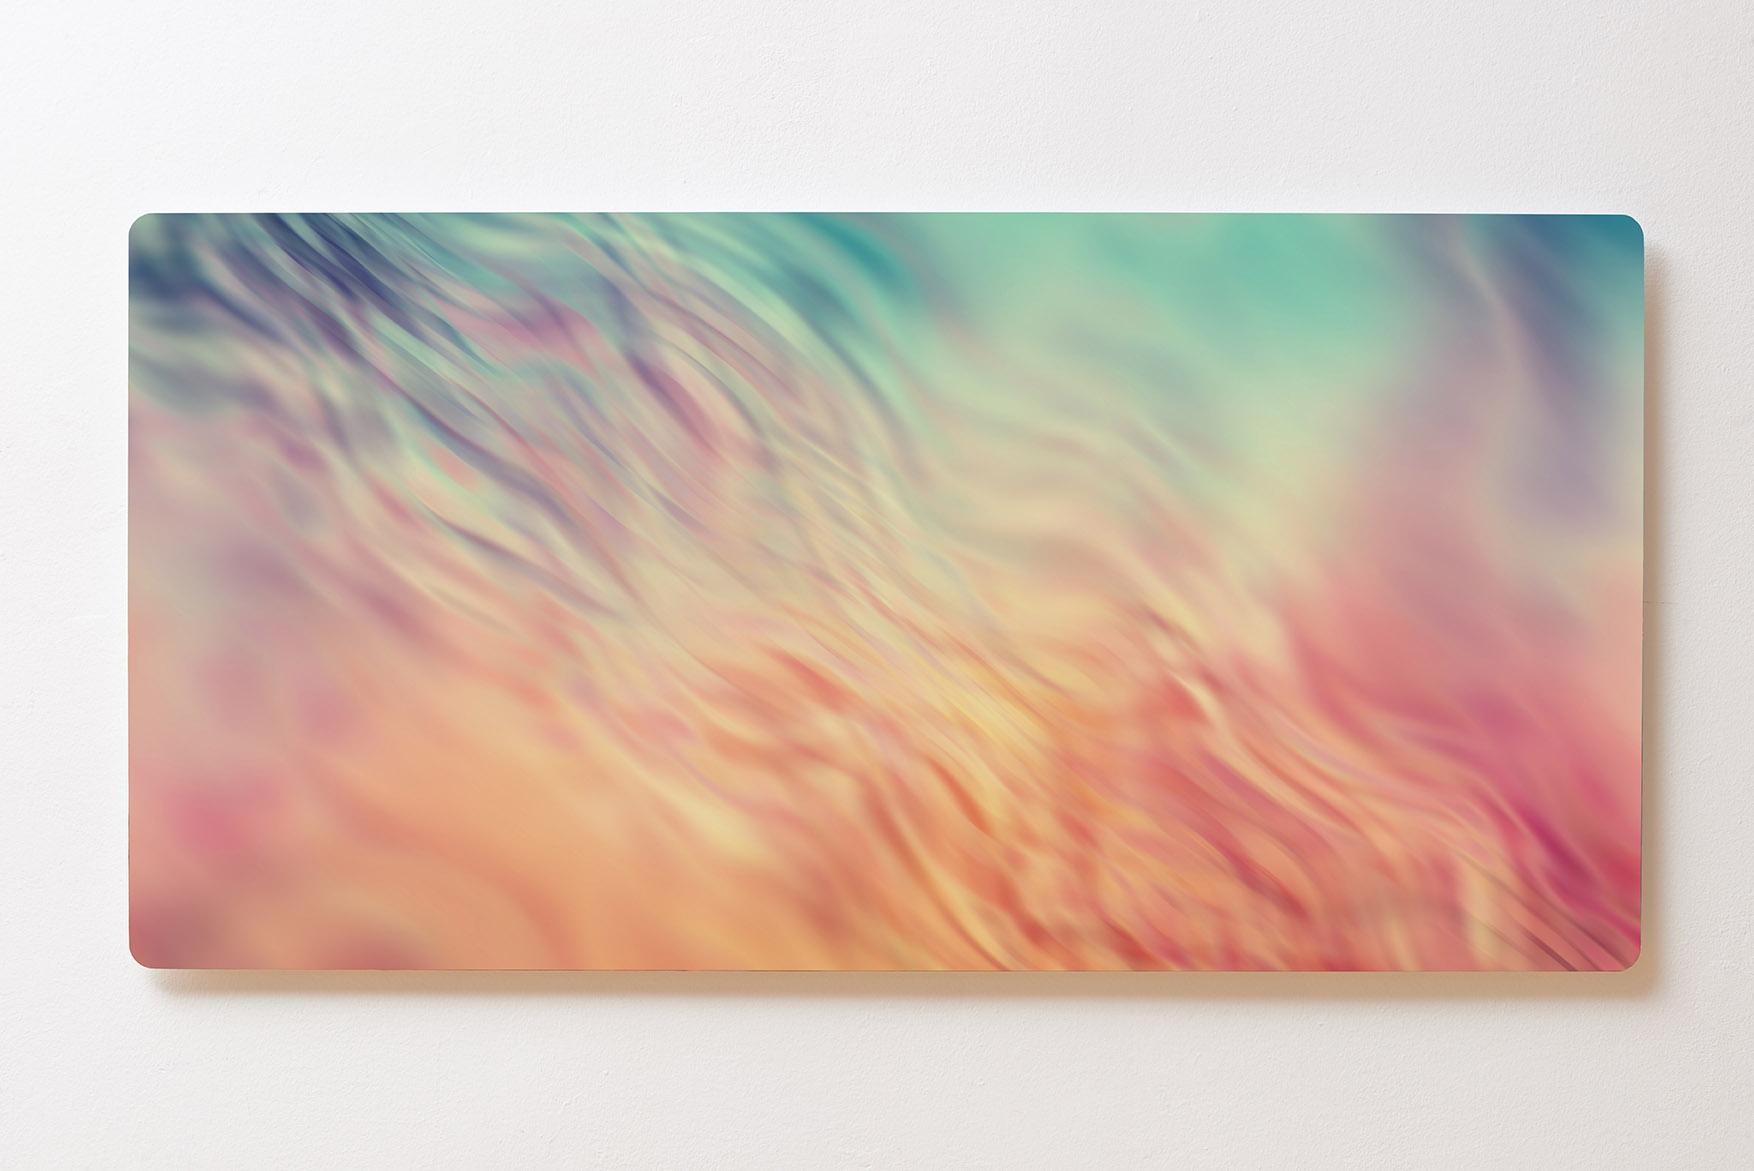 Magnettafel BACKLIGHT 120x60cm Motiv-Wandbild M119 Abstrakt Kunst